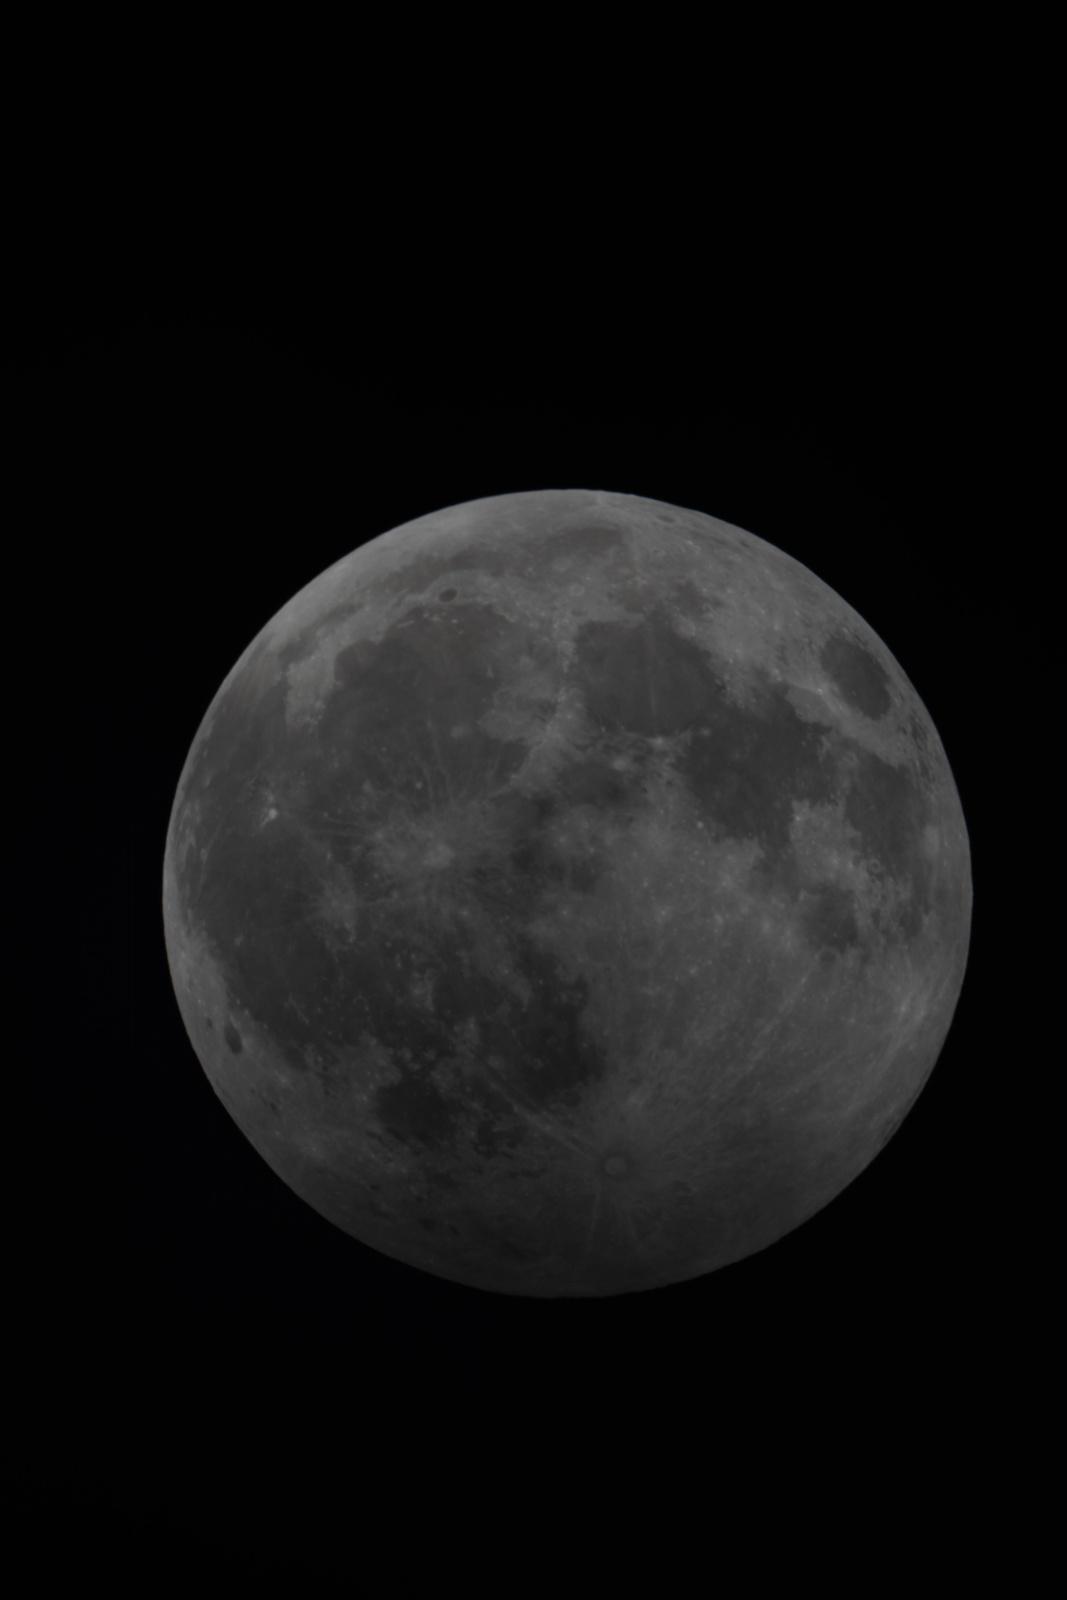 Półcieniowe zaćmienie Księżyca 10.01.2020 (2 z 1).jpg